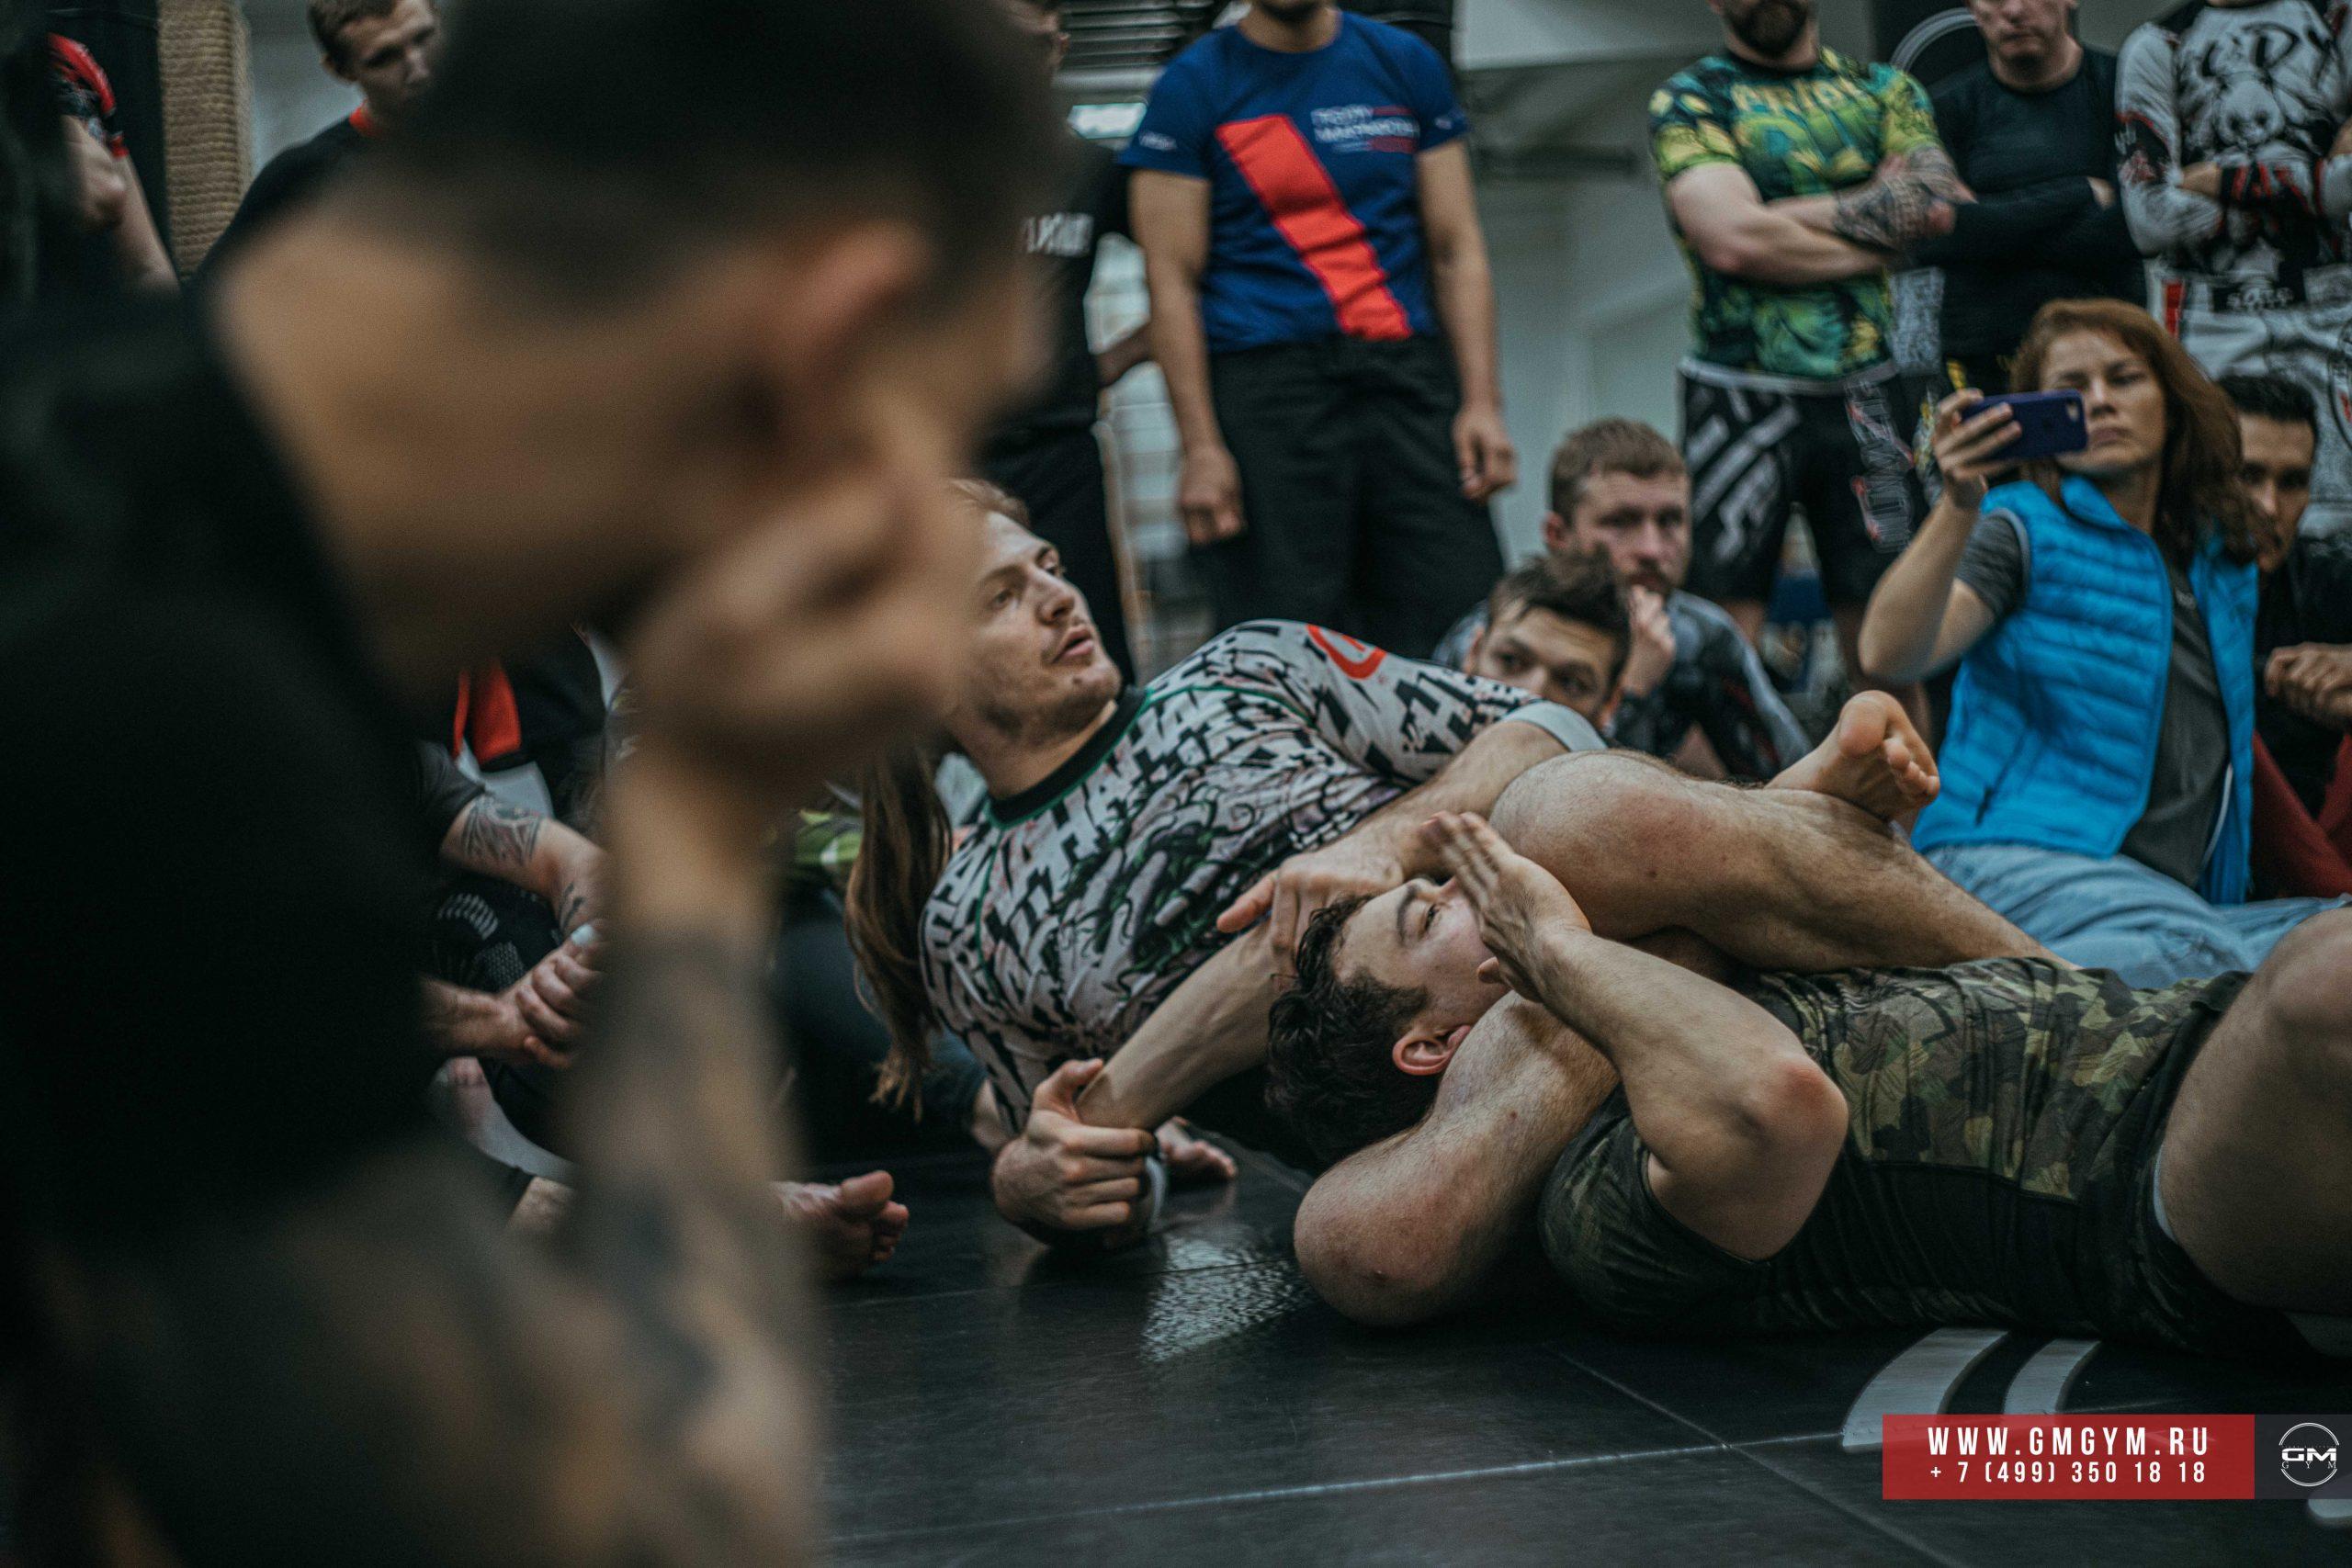 Ильяс Сулейманов тренер по БЖЖ и Грэпплингу 2